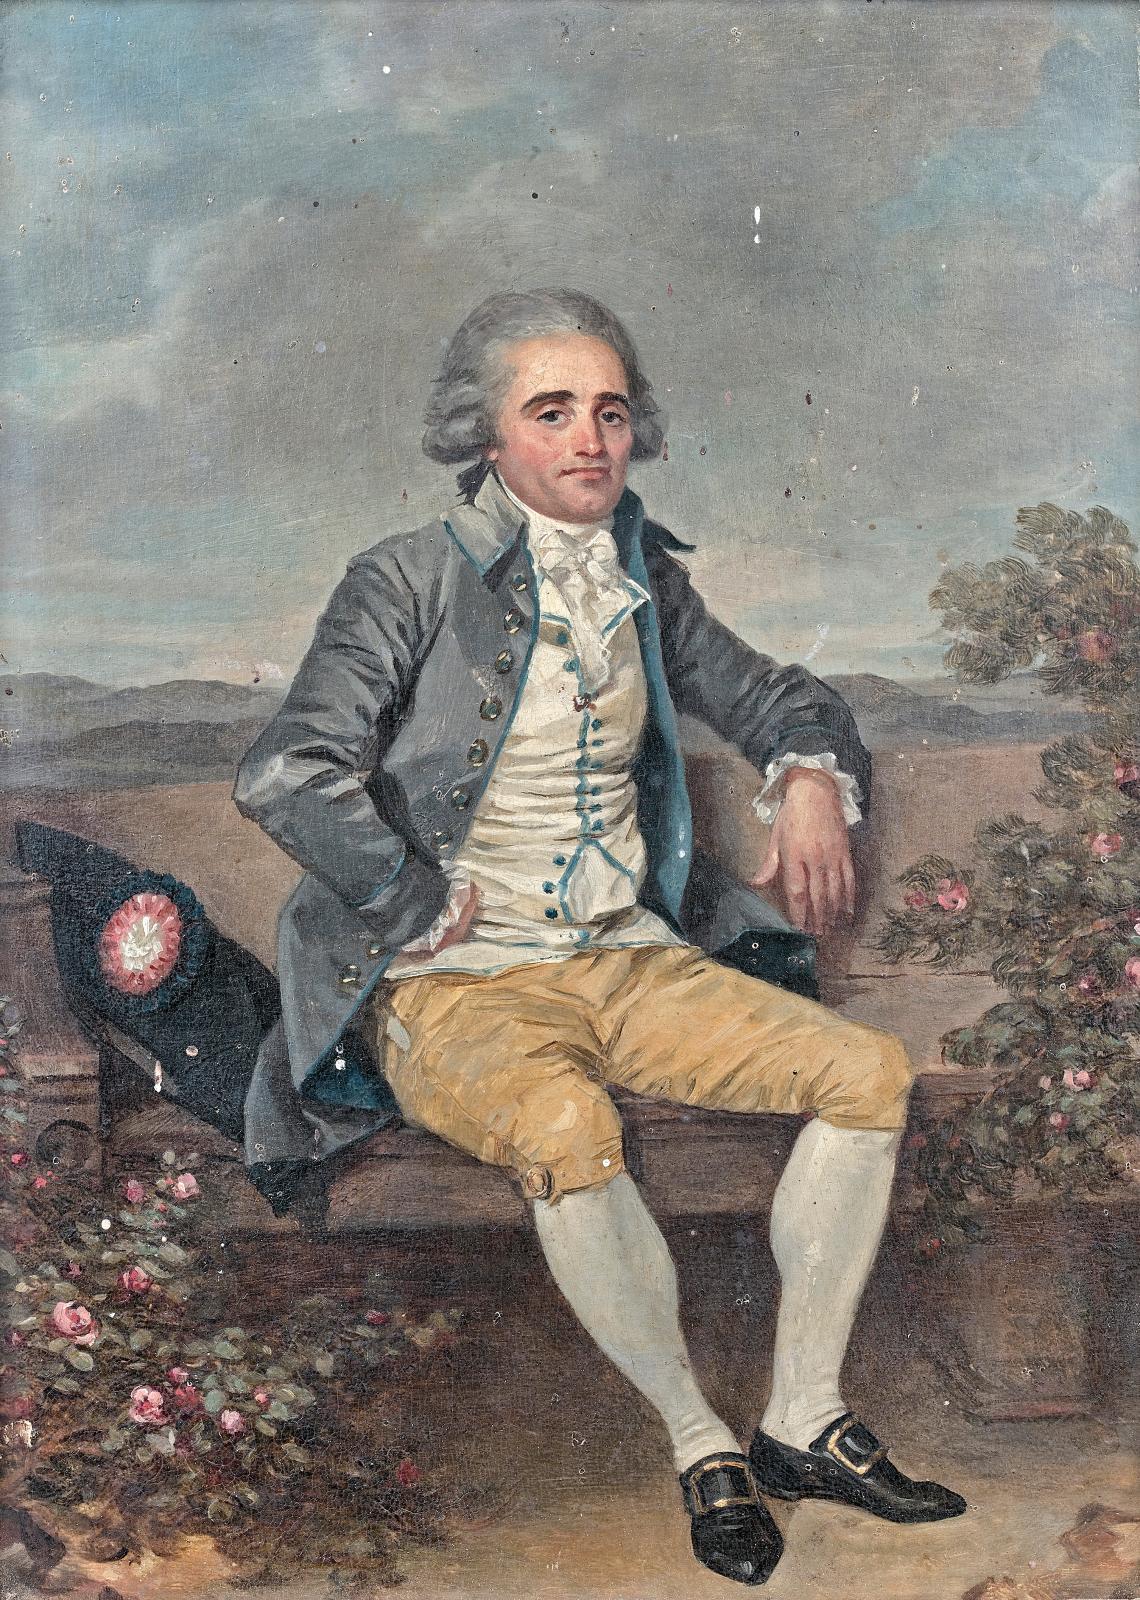 Marguerite Gérard (1761-1837), Portrait d'homme assis sur une banquette, huile sur panneau de noyer, d'une paire avec Portraits présumés d